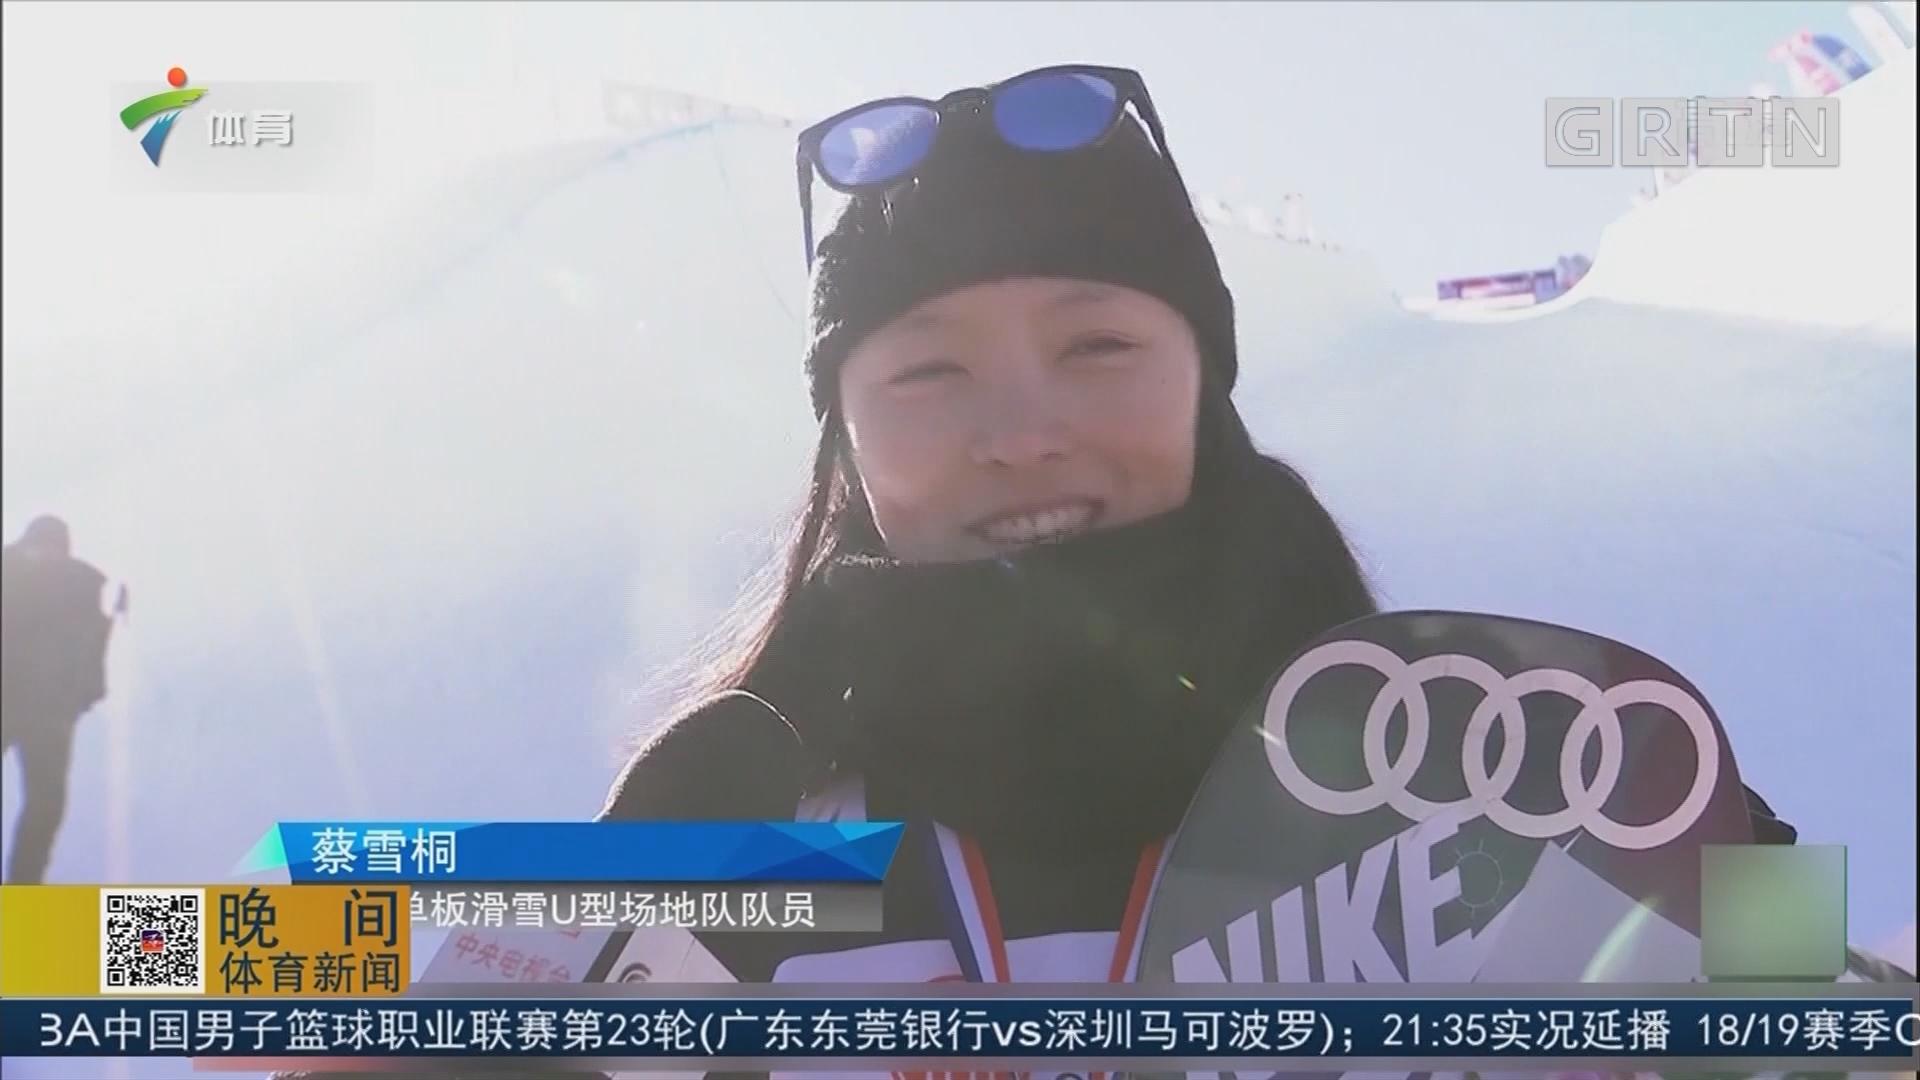 蔡雪桐夺得单板滑雪U型场地世界杯冠军